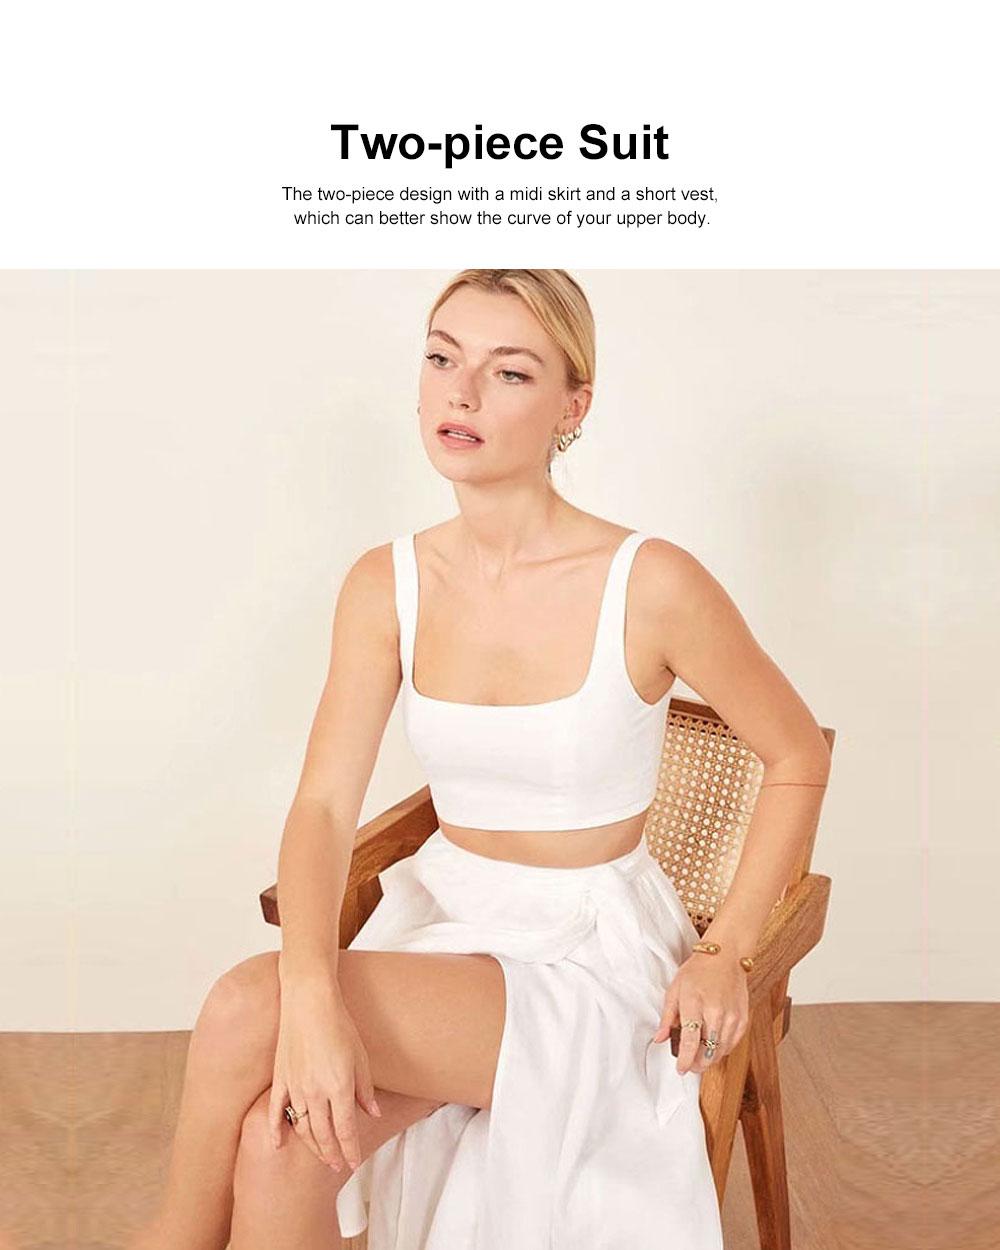 Vest Skirt Set for Women in Summer, 2 Pcs Short Square Neckline Vest and Midiskirt with Stylish Waist Strap 1